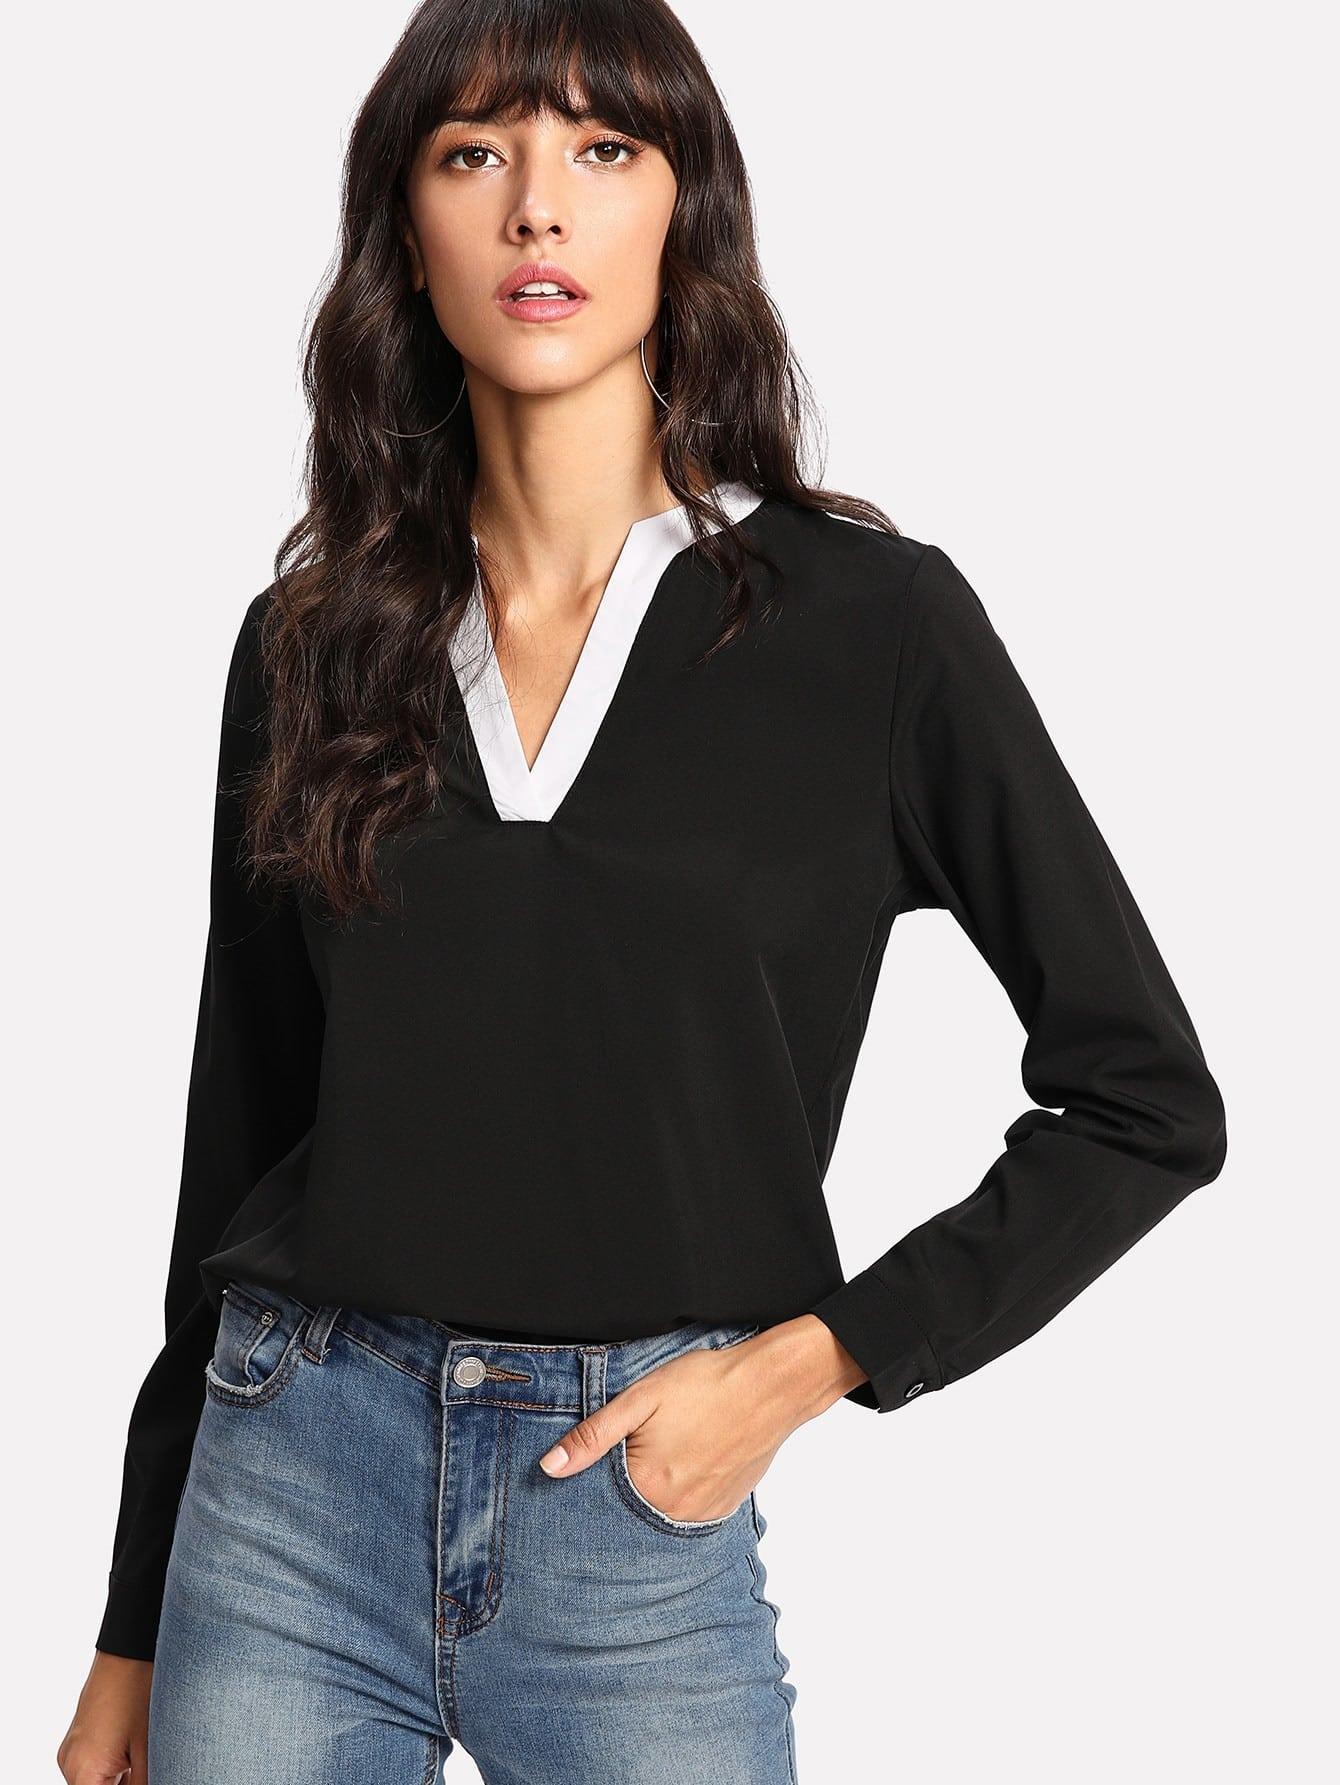 Contrast Trim V-neckline Blouse contrast striped v neckline flute sleeve blouse